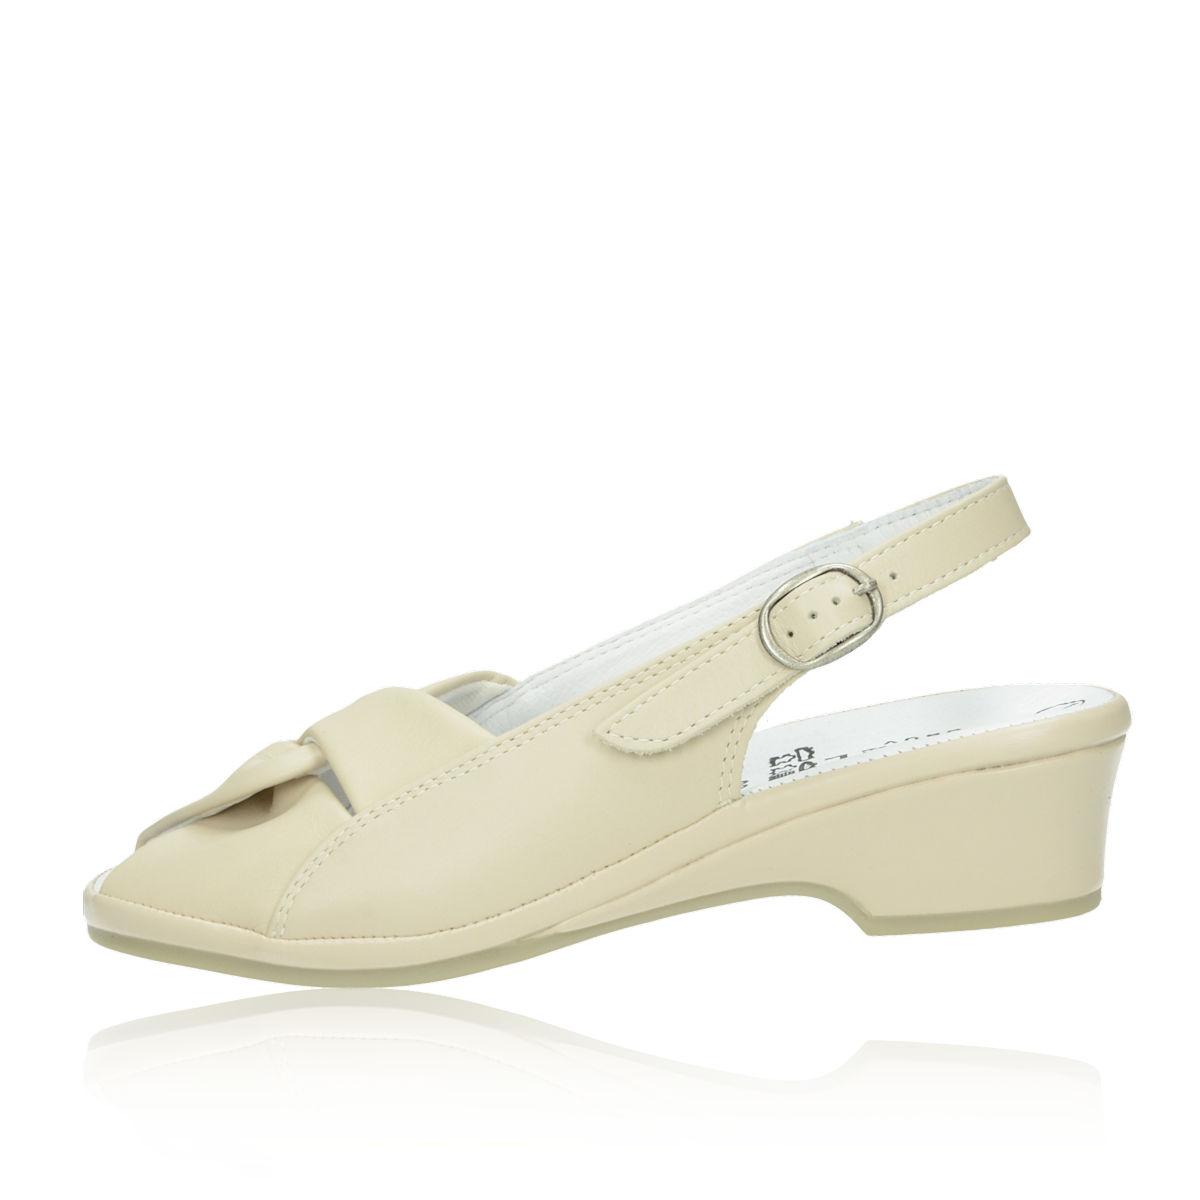 a530879914ee Robel dámske sandále - béžové Robel dámske sandále - béžové ...